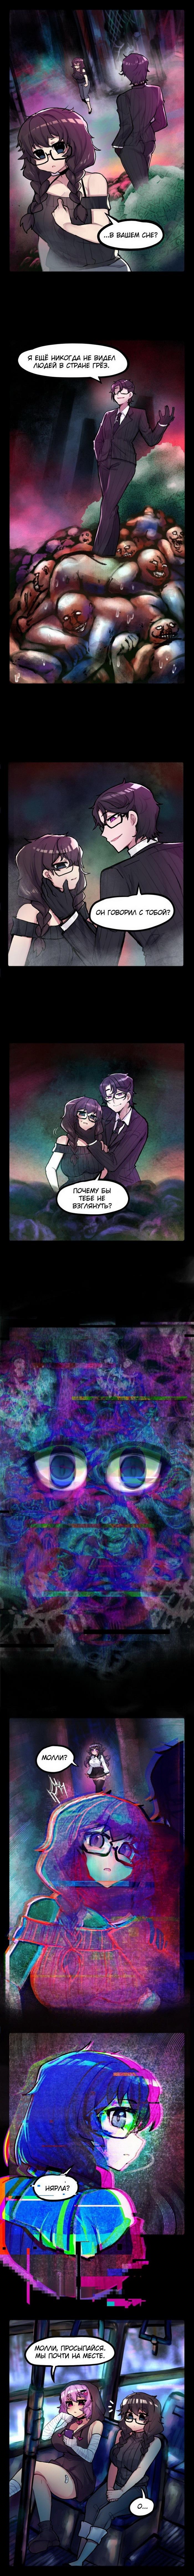 Ползущие сны [Crawling Dreams]. Эпизоды 44-45. Комиксы, Перевод, Аниме, Не аниме, Merryweather, Crawlingdreams, Длиннопост, Перевел сам